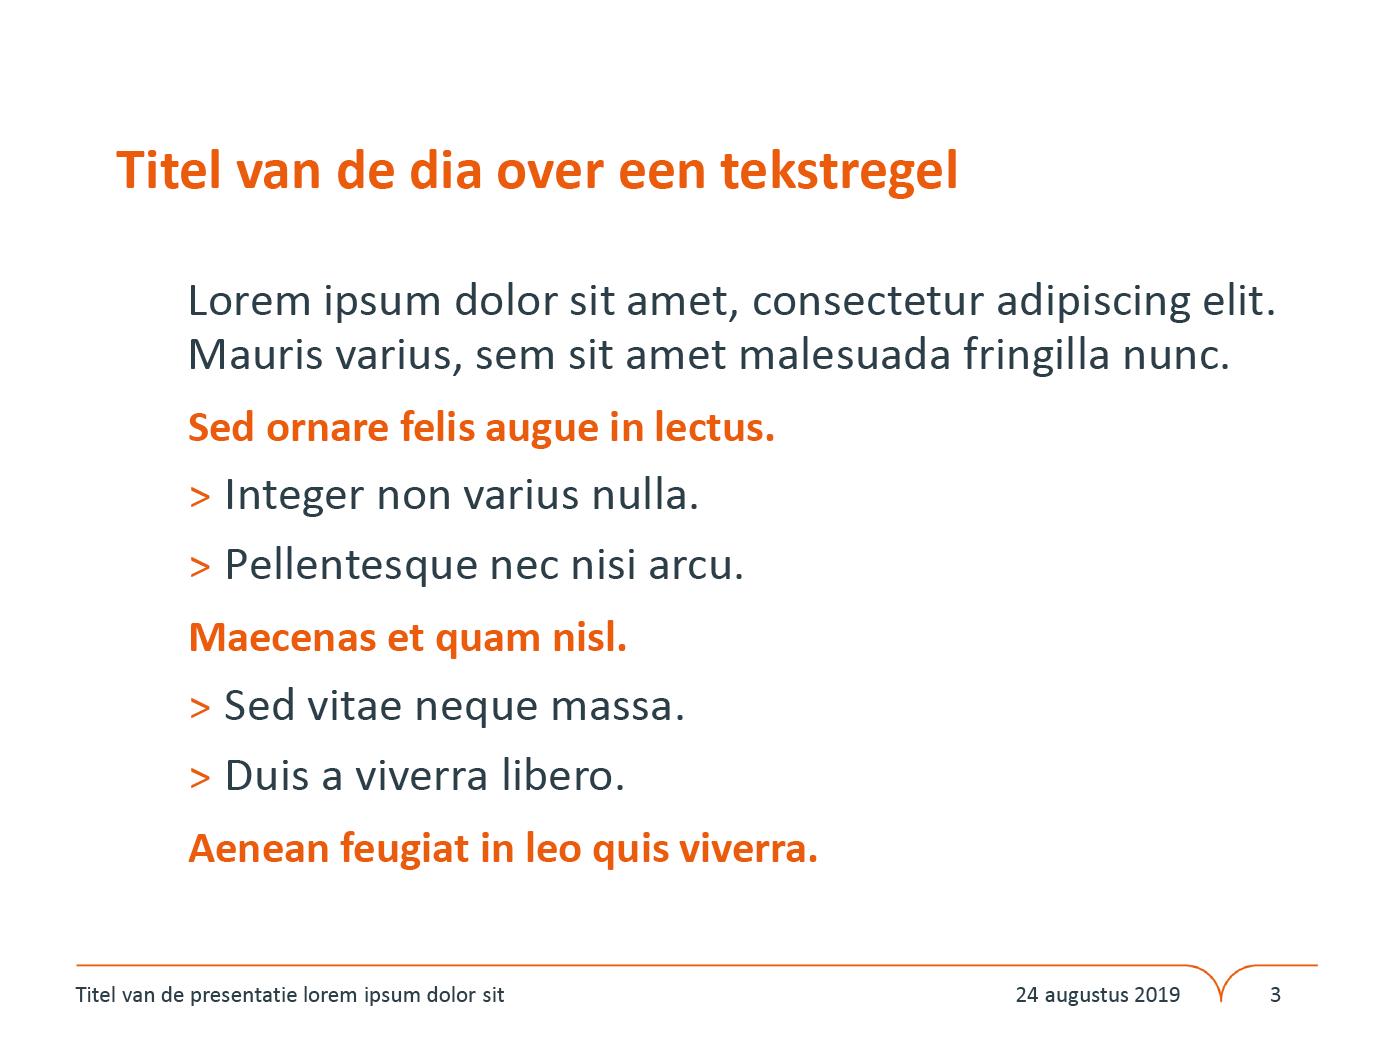 """Dia-type """"Basisdia"""", gepersonaliseerd voor de submerken van het basisonderwijs. Powerpoint-sjabloon van de Stad Gent."""